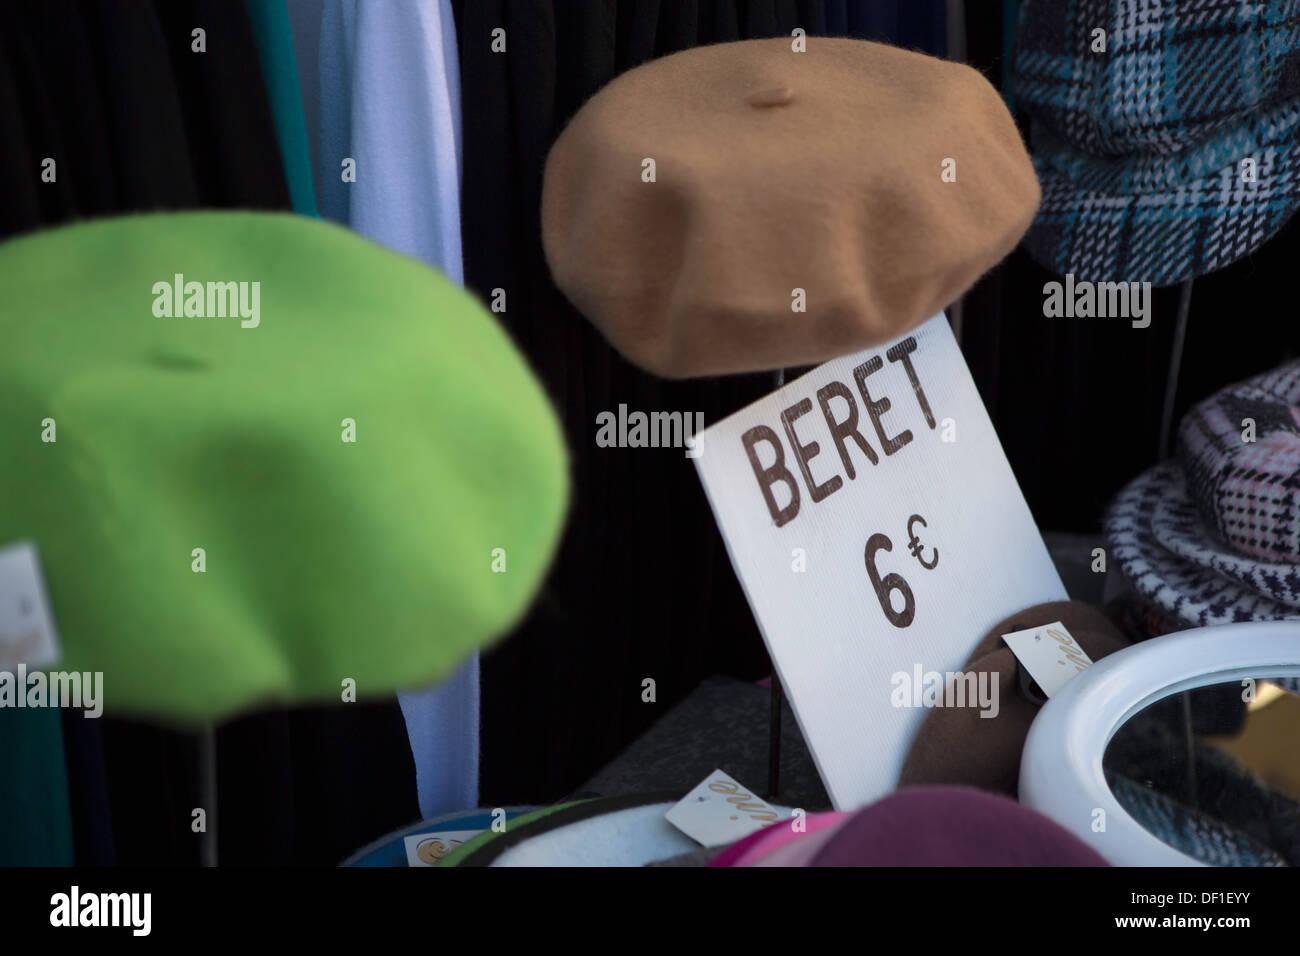 Coloridas boinas en un puesto en el mercado de ropa en Francia Imagen De  Stock ae27e46a652